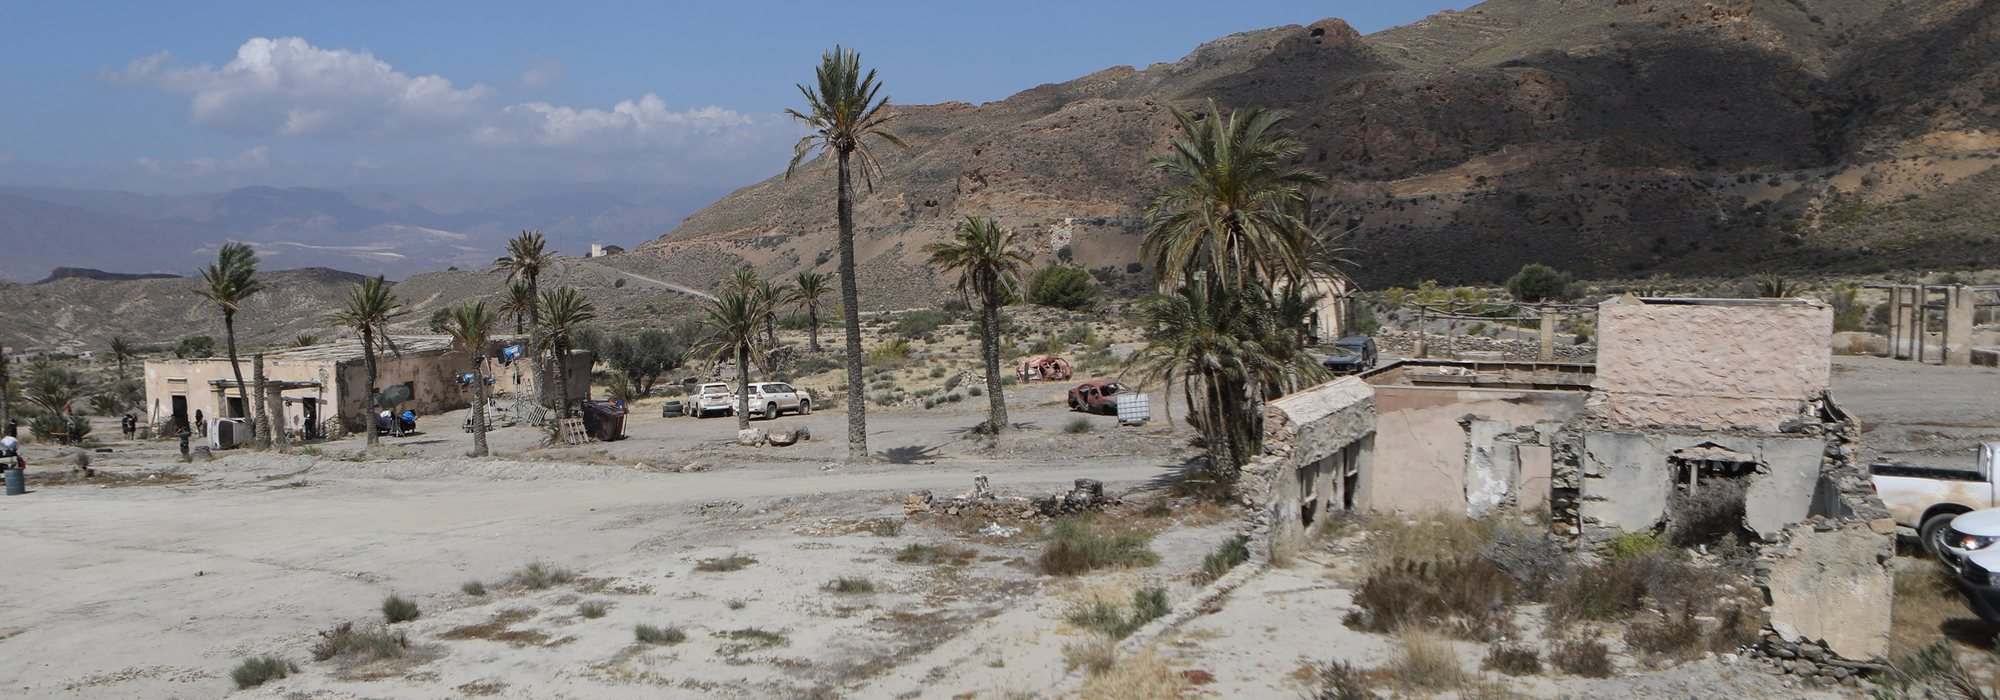 Making of de 'Los nuestros 2': Así se ha grabado la serie, transformando Almería en Raqqa (Siria)